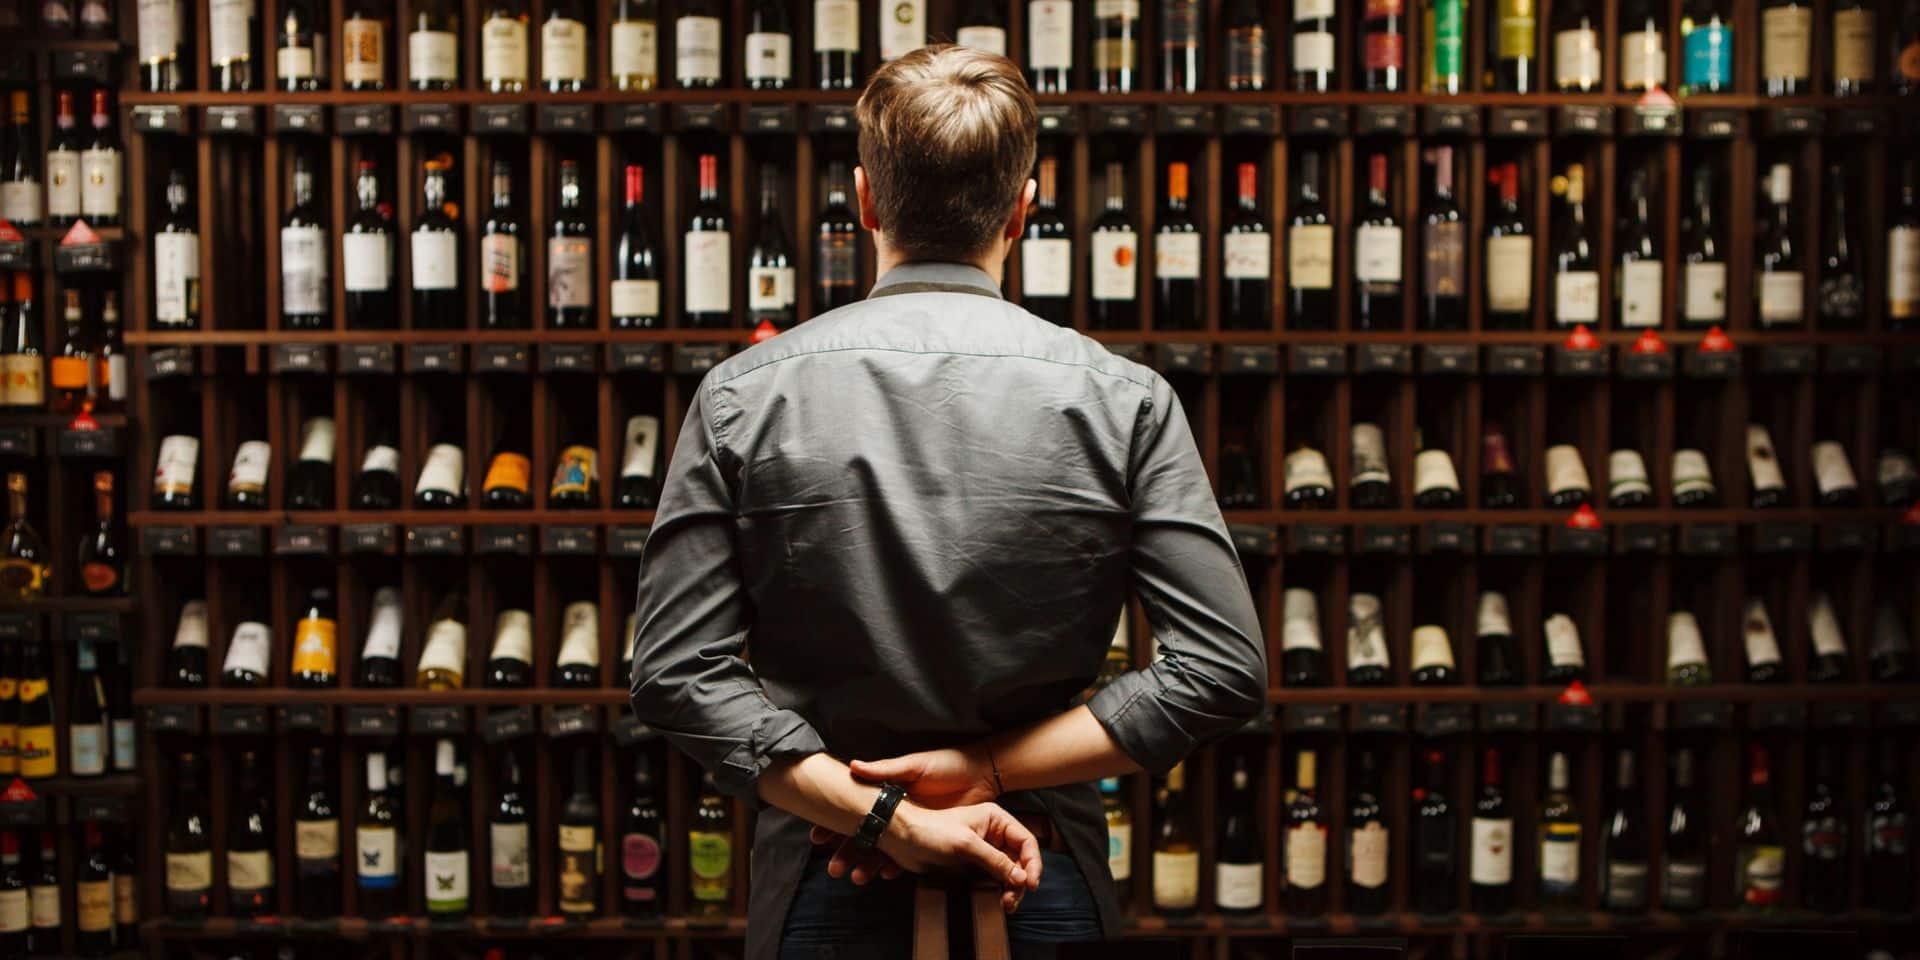 Les fêtes de fin d'années s'annoncent déjà dans les rayons vin de la grande distribution